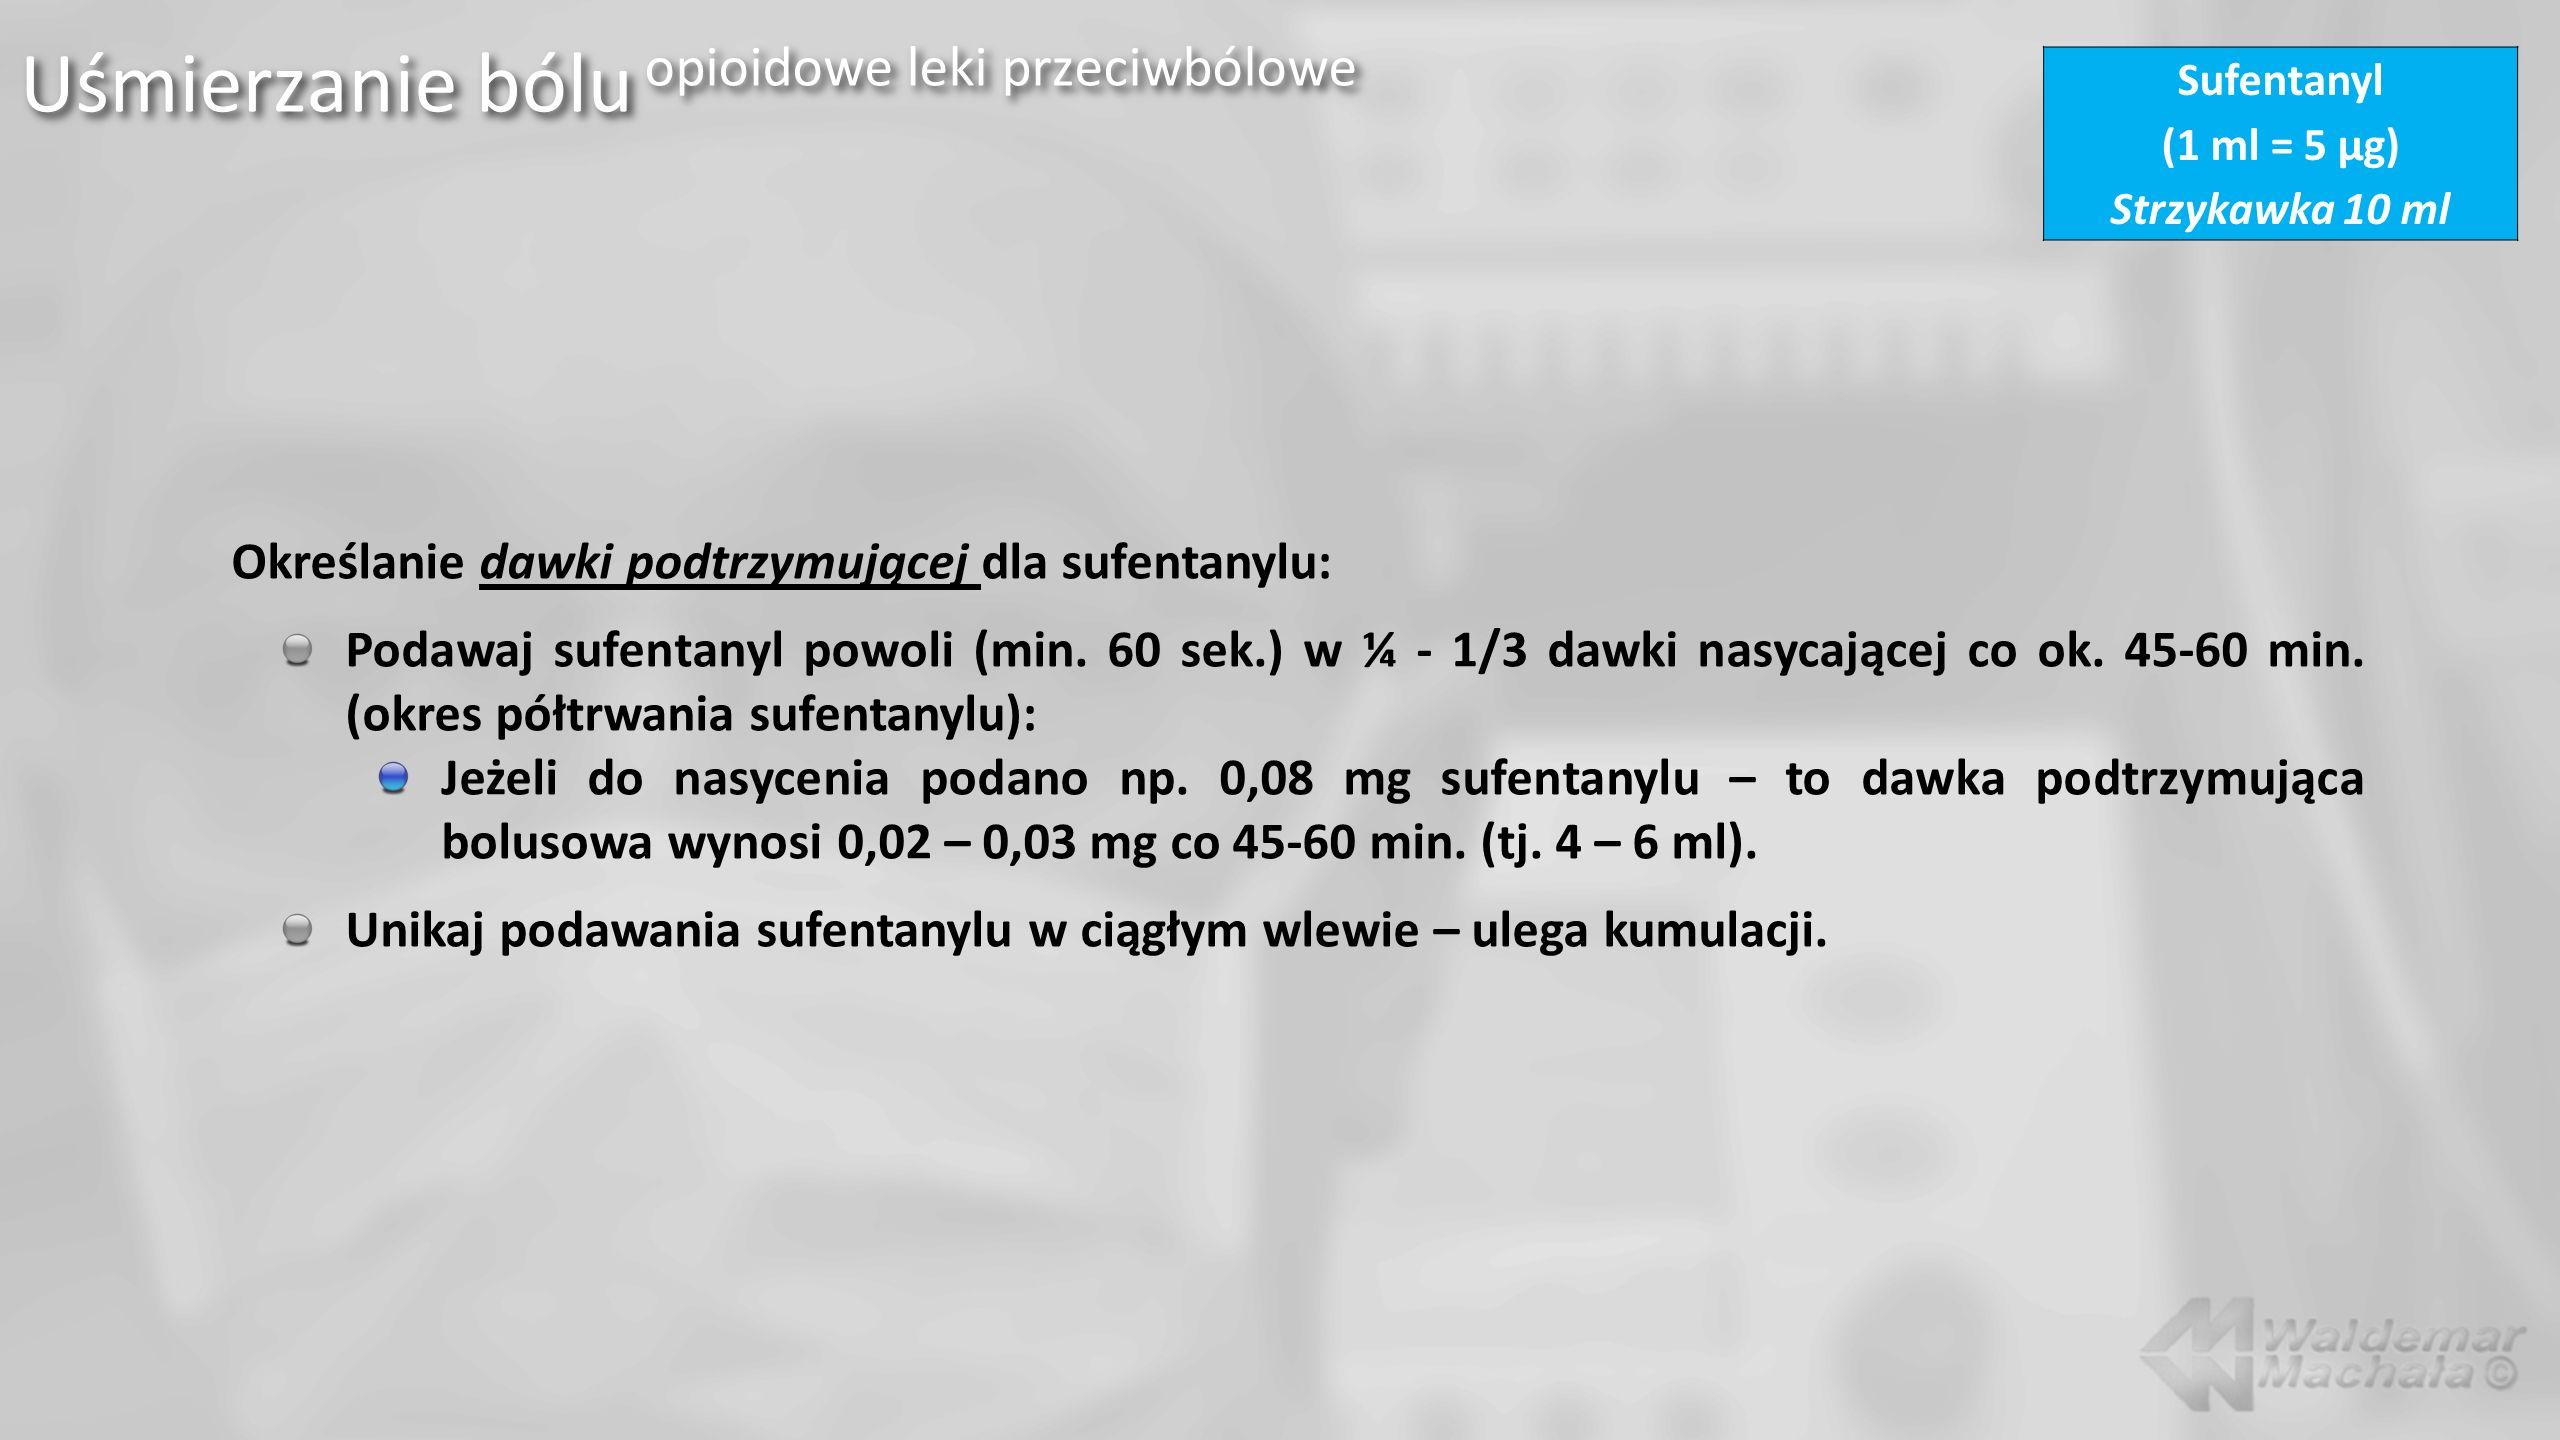 Uśmierzanie bólu opioidowe leki przeciwbólowe Określanie dawki podtrzymującej dla sufentanylu: Podawaj sufentanyl powoli (min. 60 sek.) w ¼ - 1/3 dawk